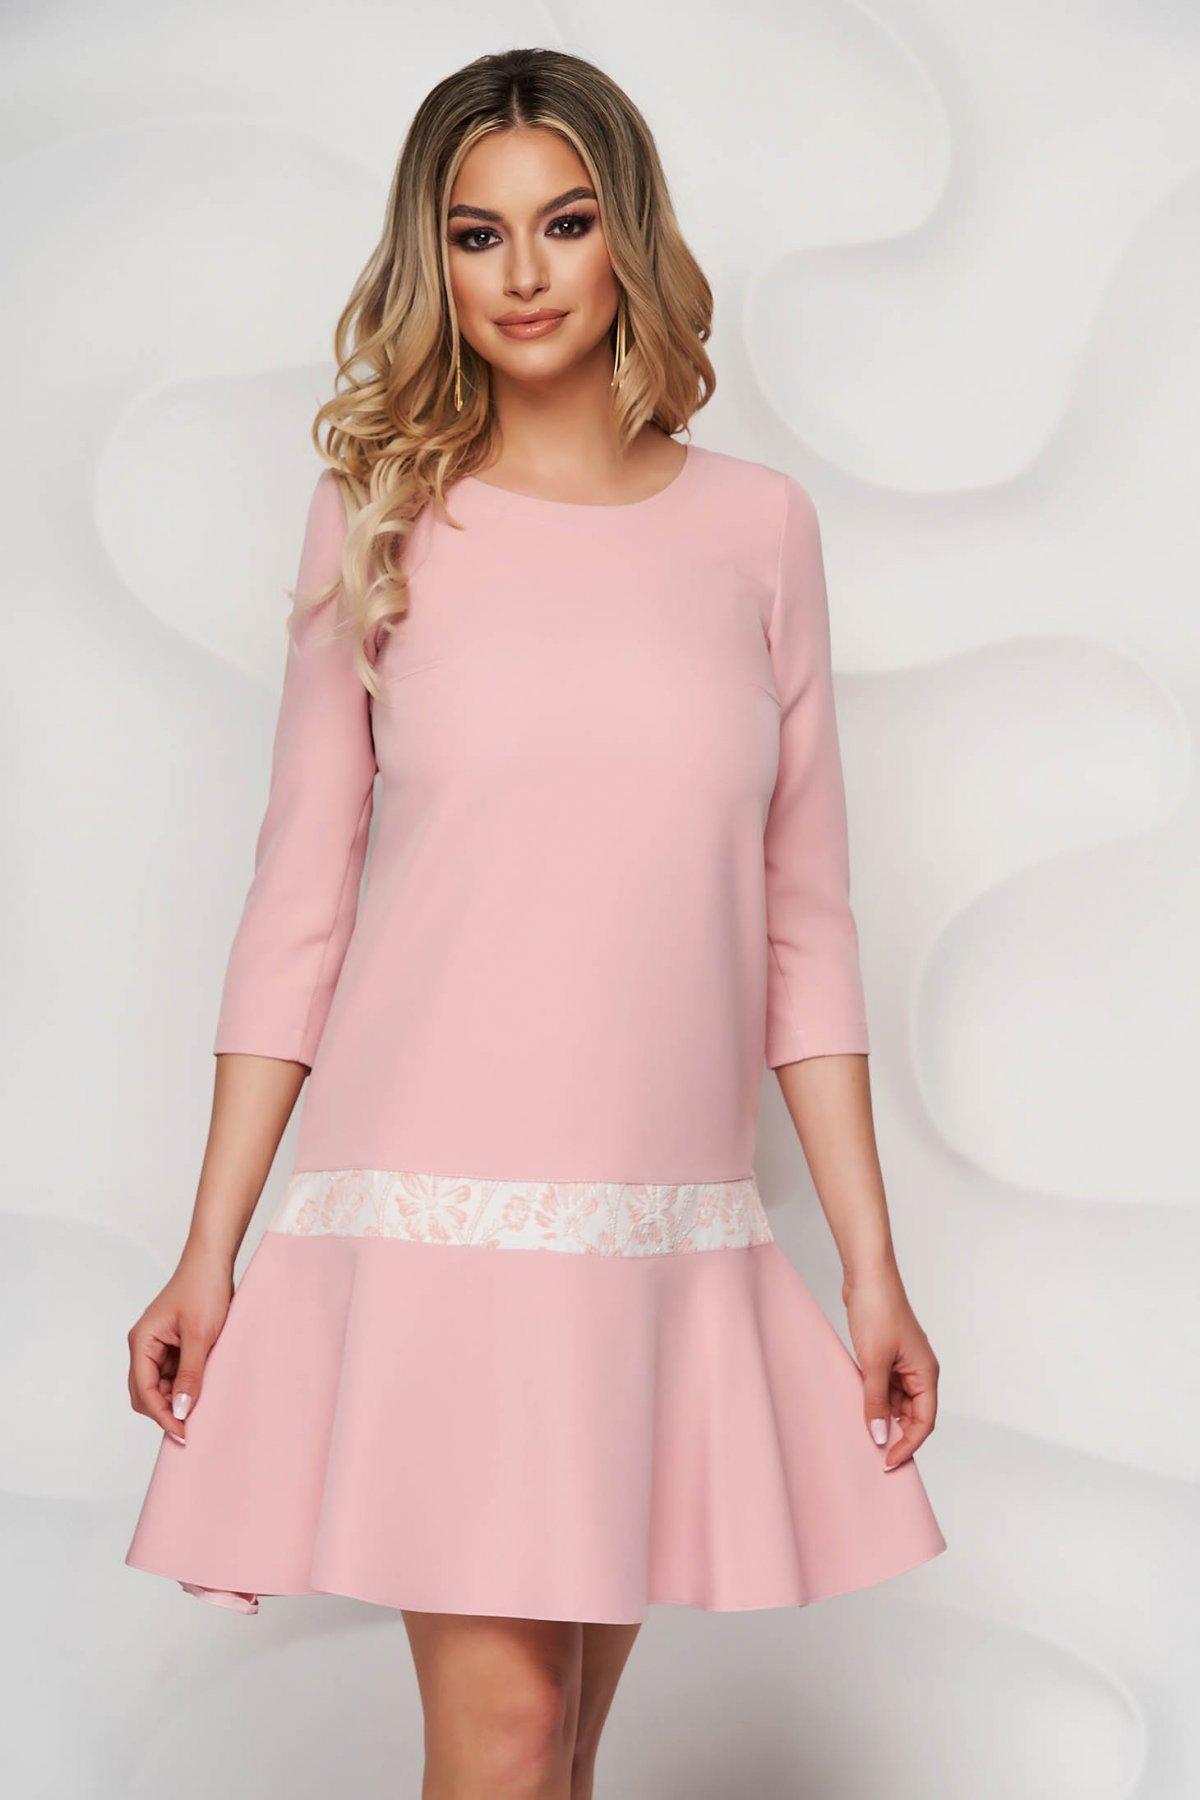 Rochie StarShinerS roz prafuit eleganta scurta cu croi larg si insertie de jaquard - medelin.ro